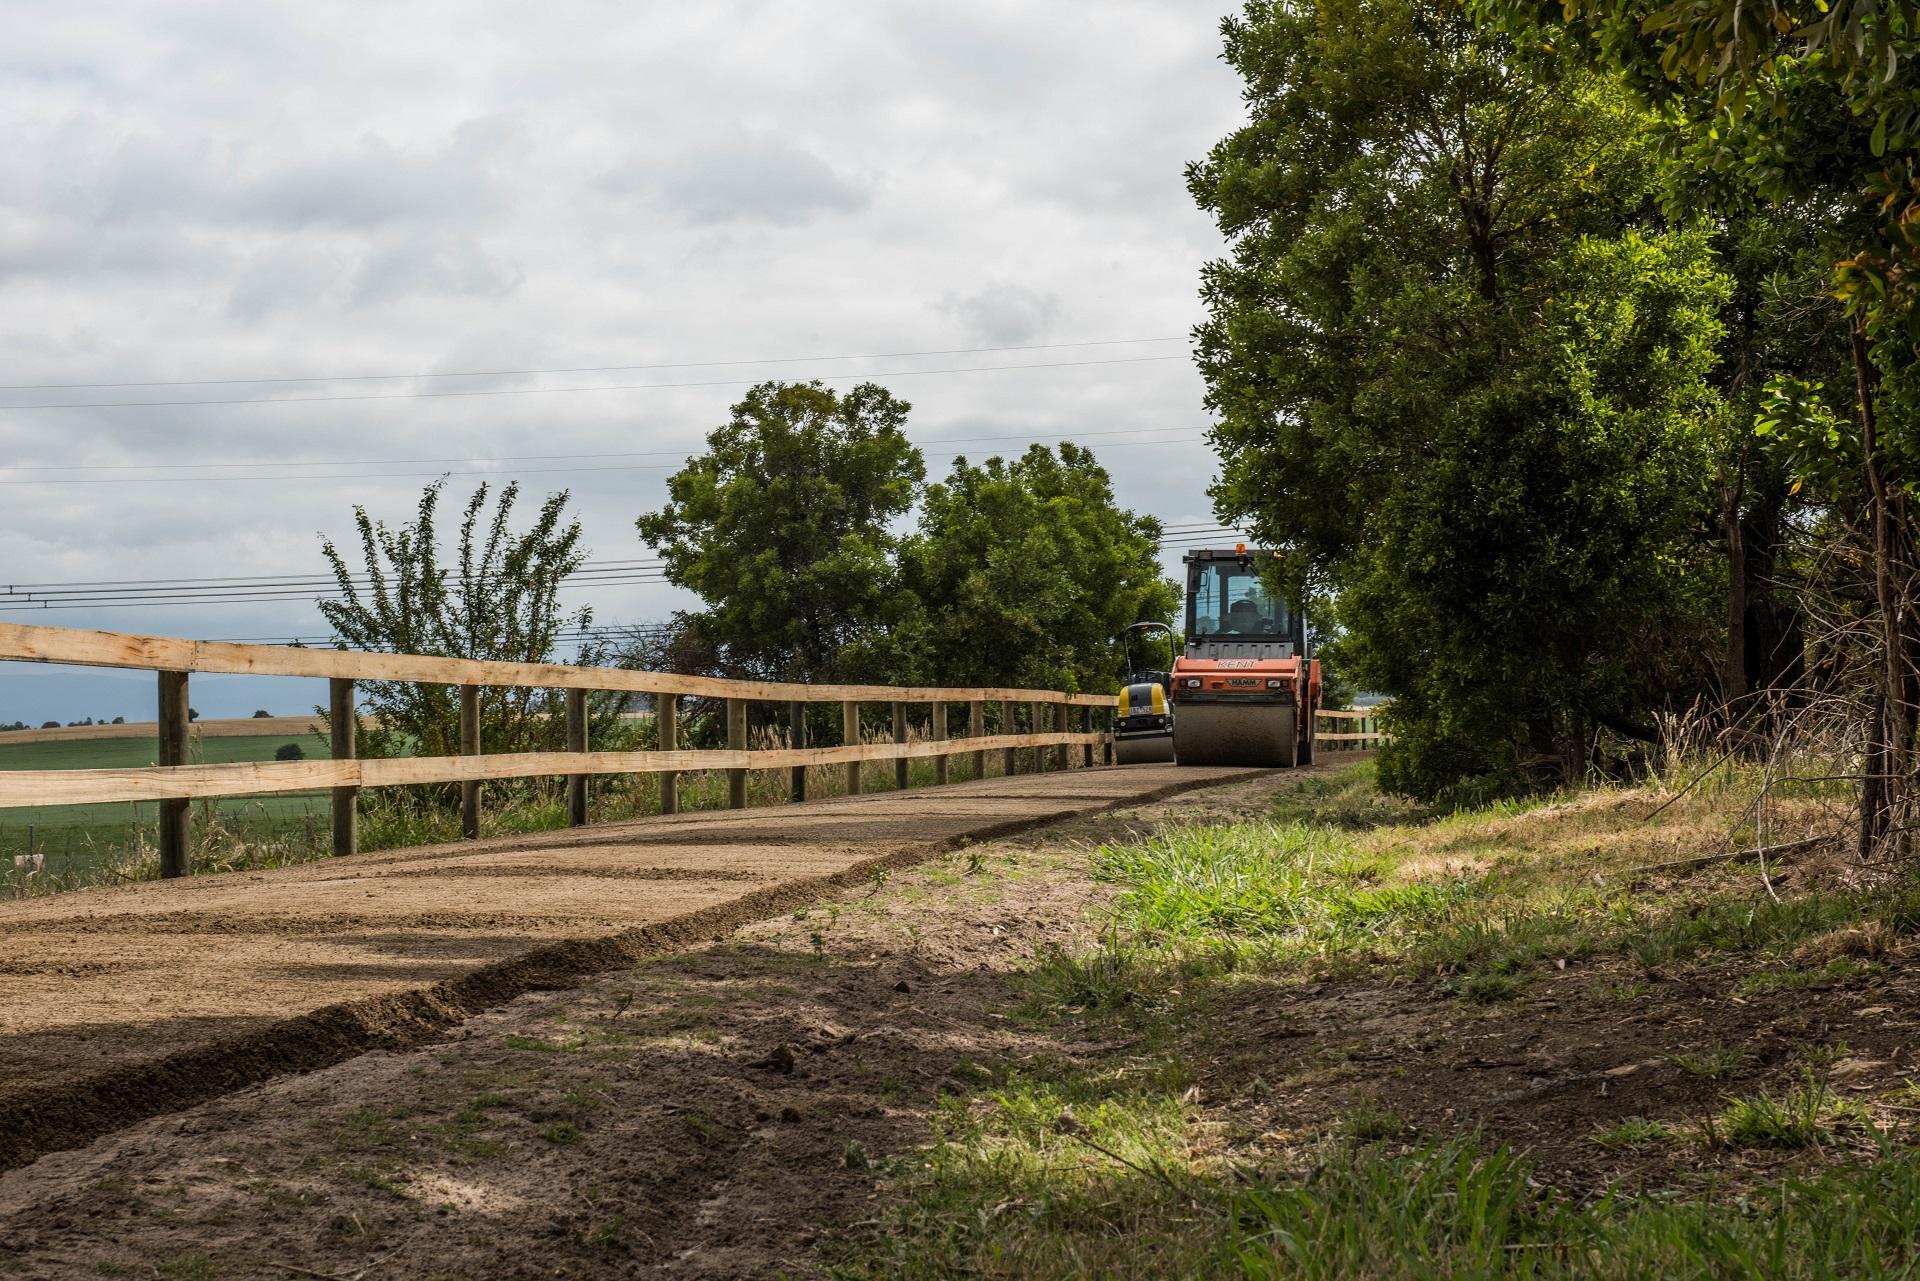 Yarra Valley Trail Steamroller